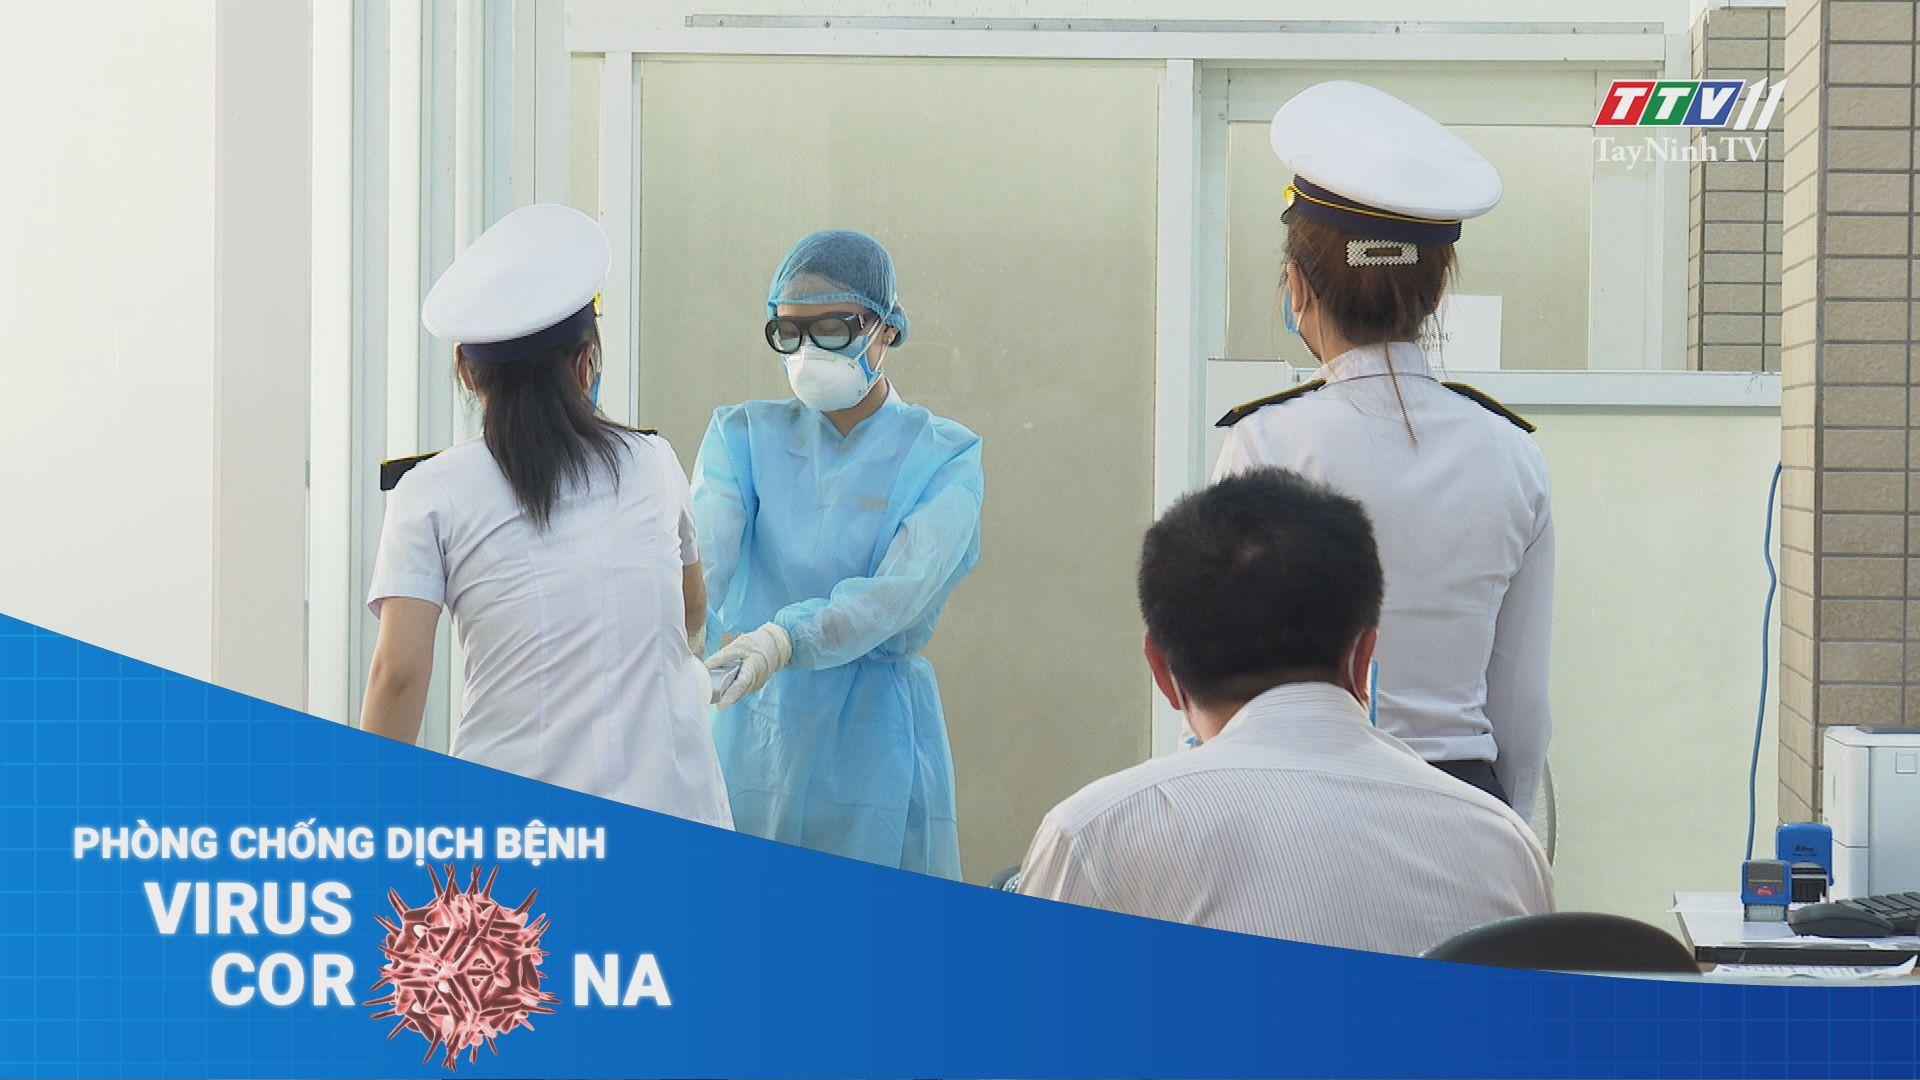 Thông tin 02 ca nhiễm Covid-19 trên địa bàn tỉnh Tây Ninh | THÔNG TIN DỊCH CÚM COVID-19 | TayNinhTV